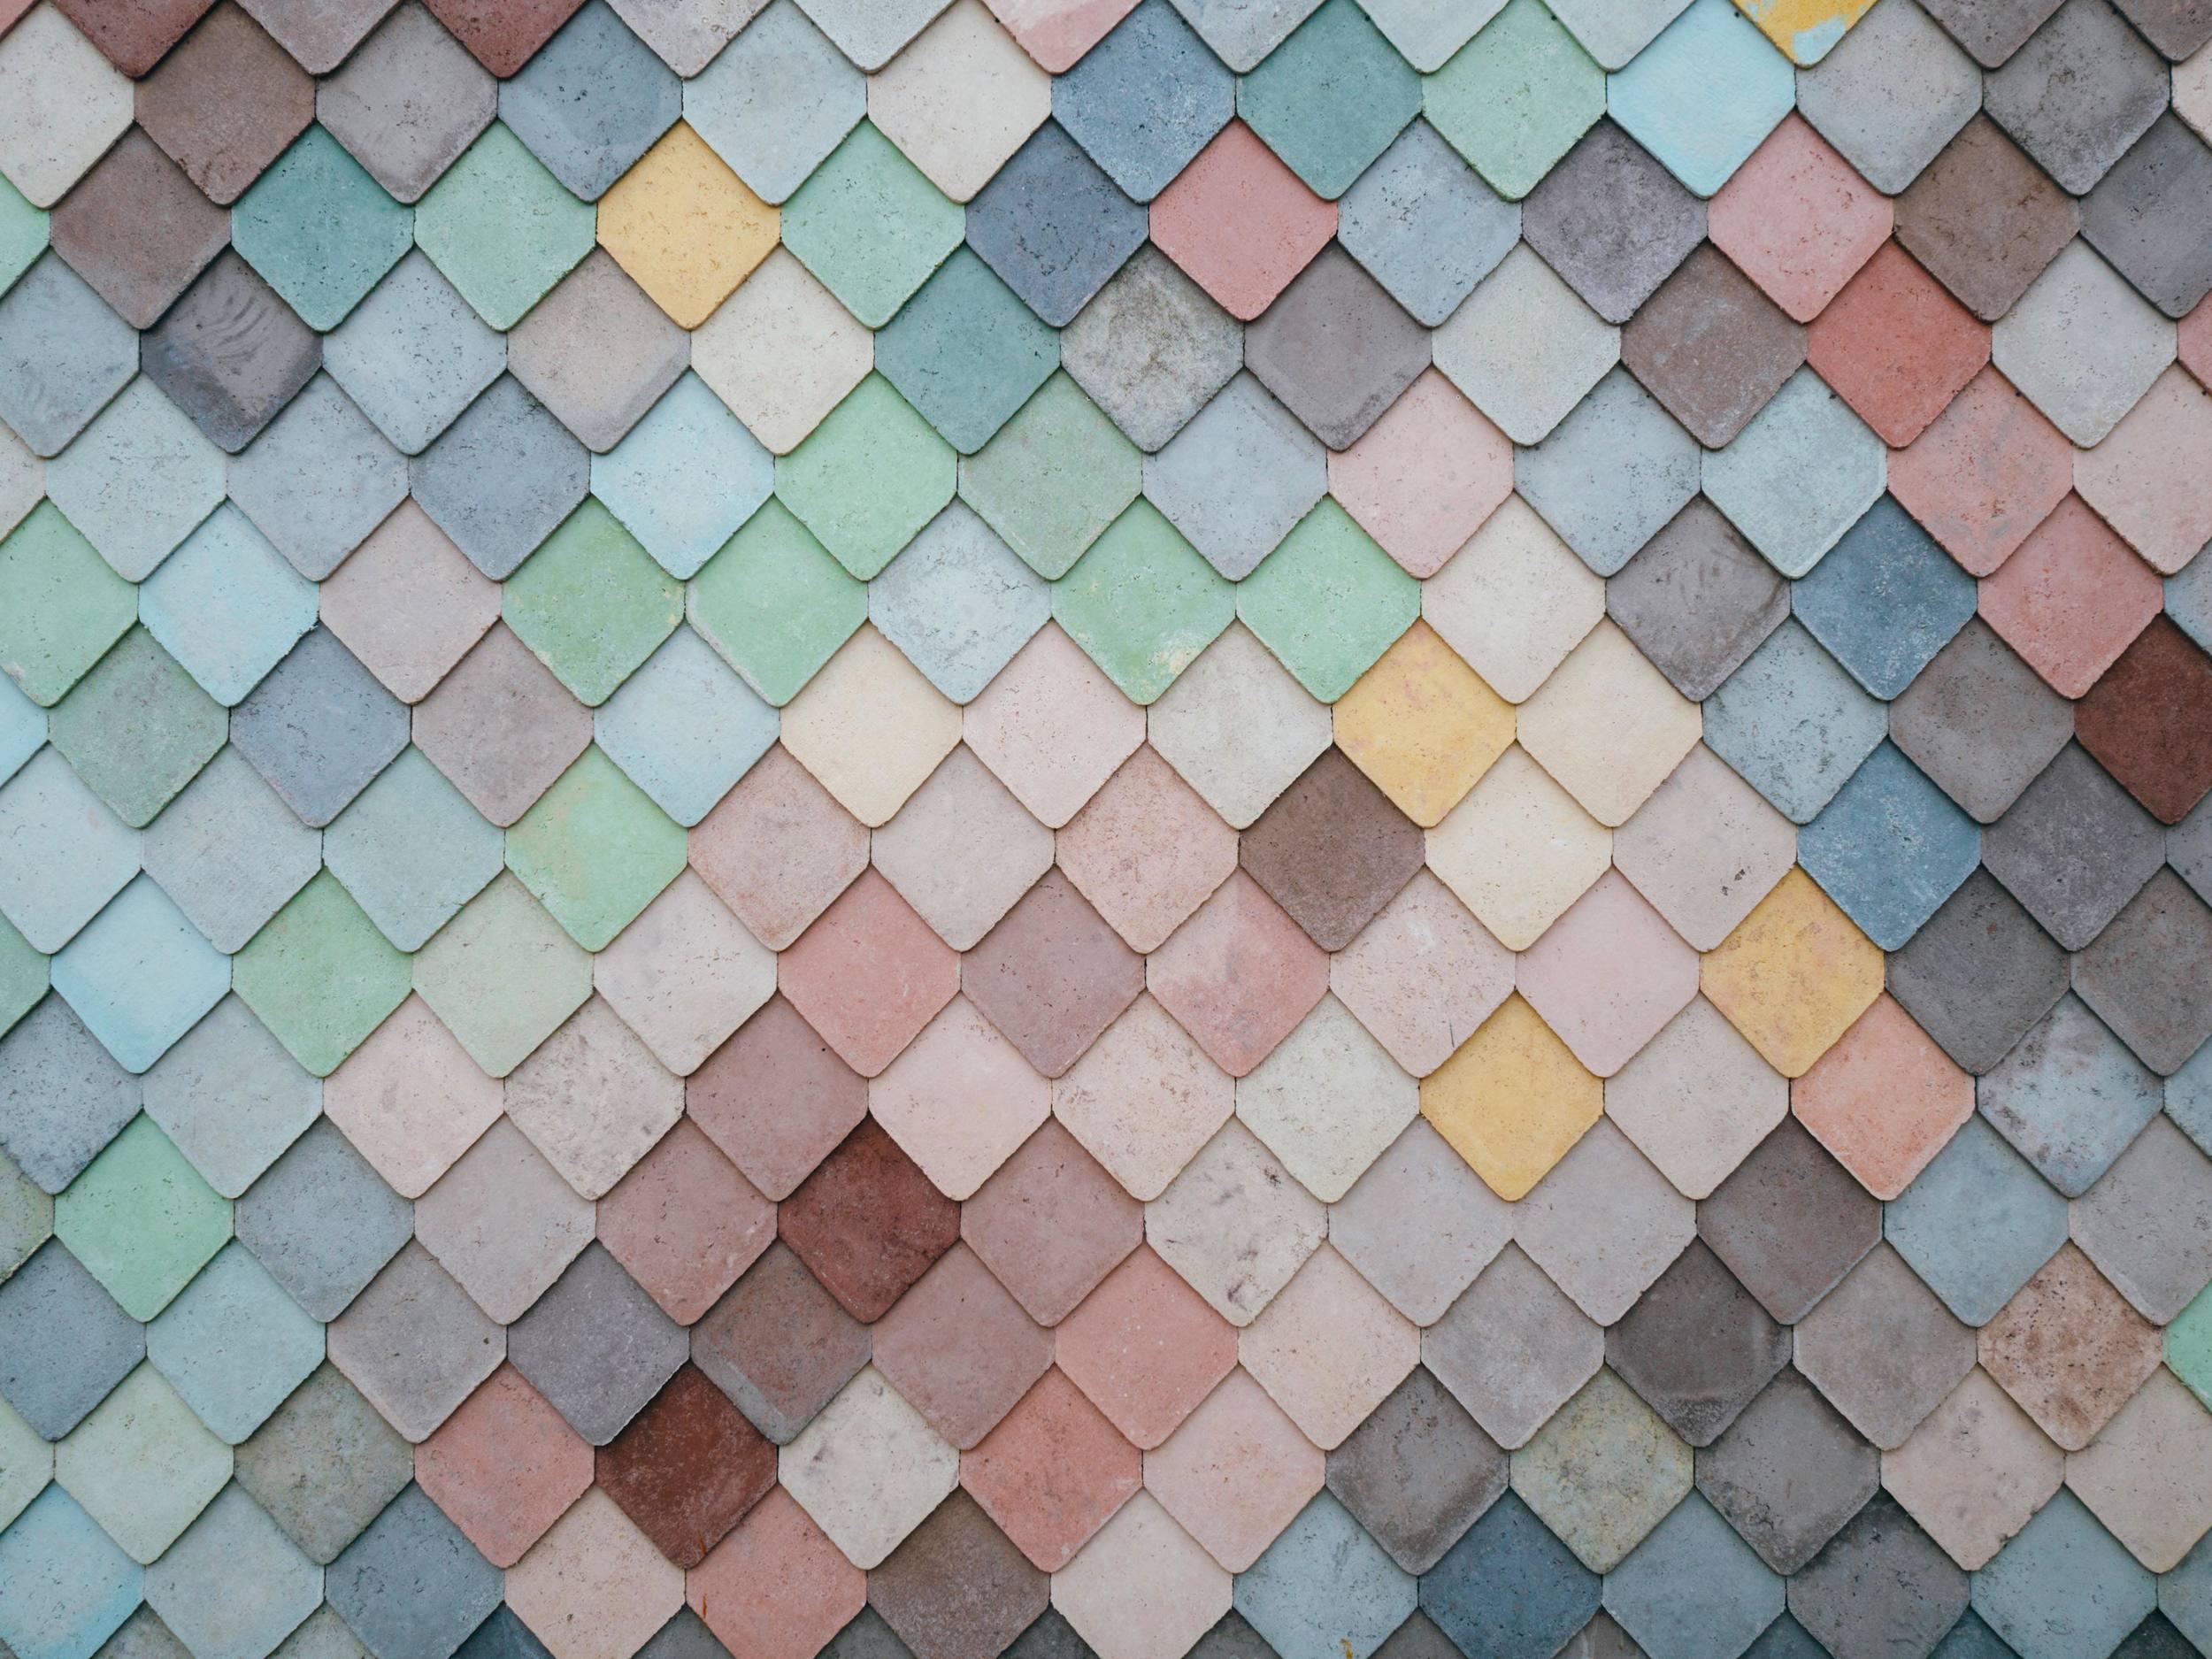 color_tones